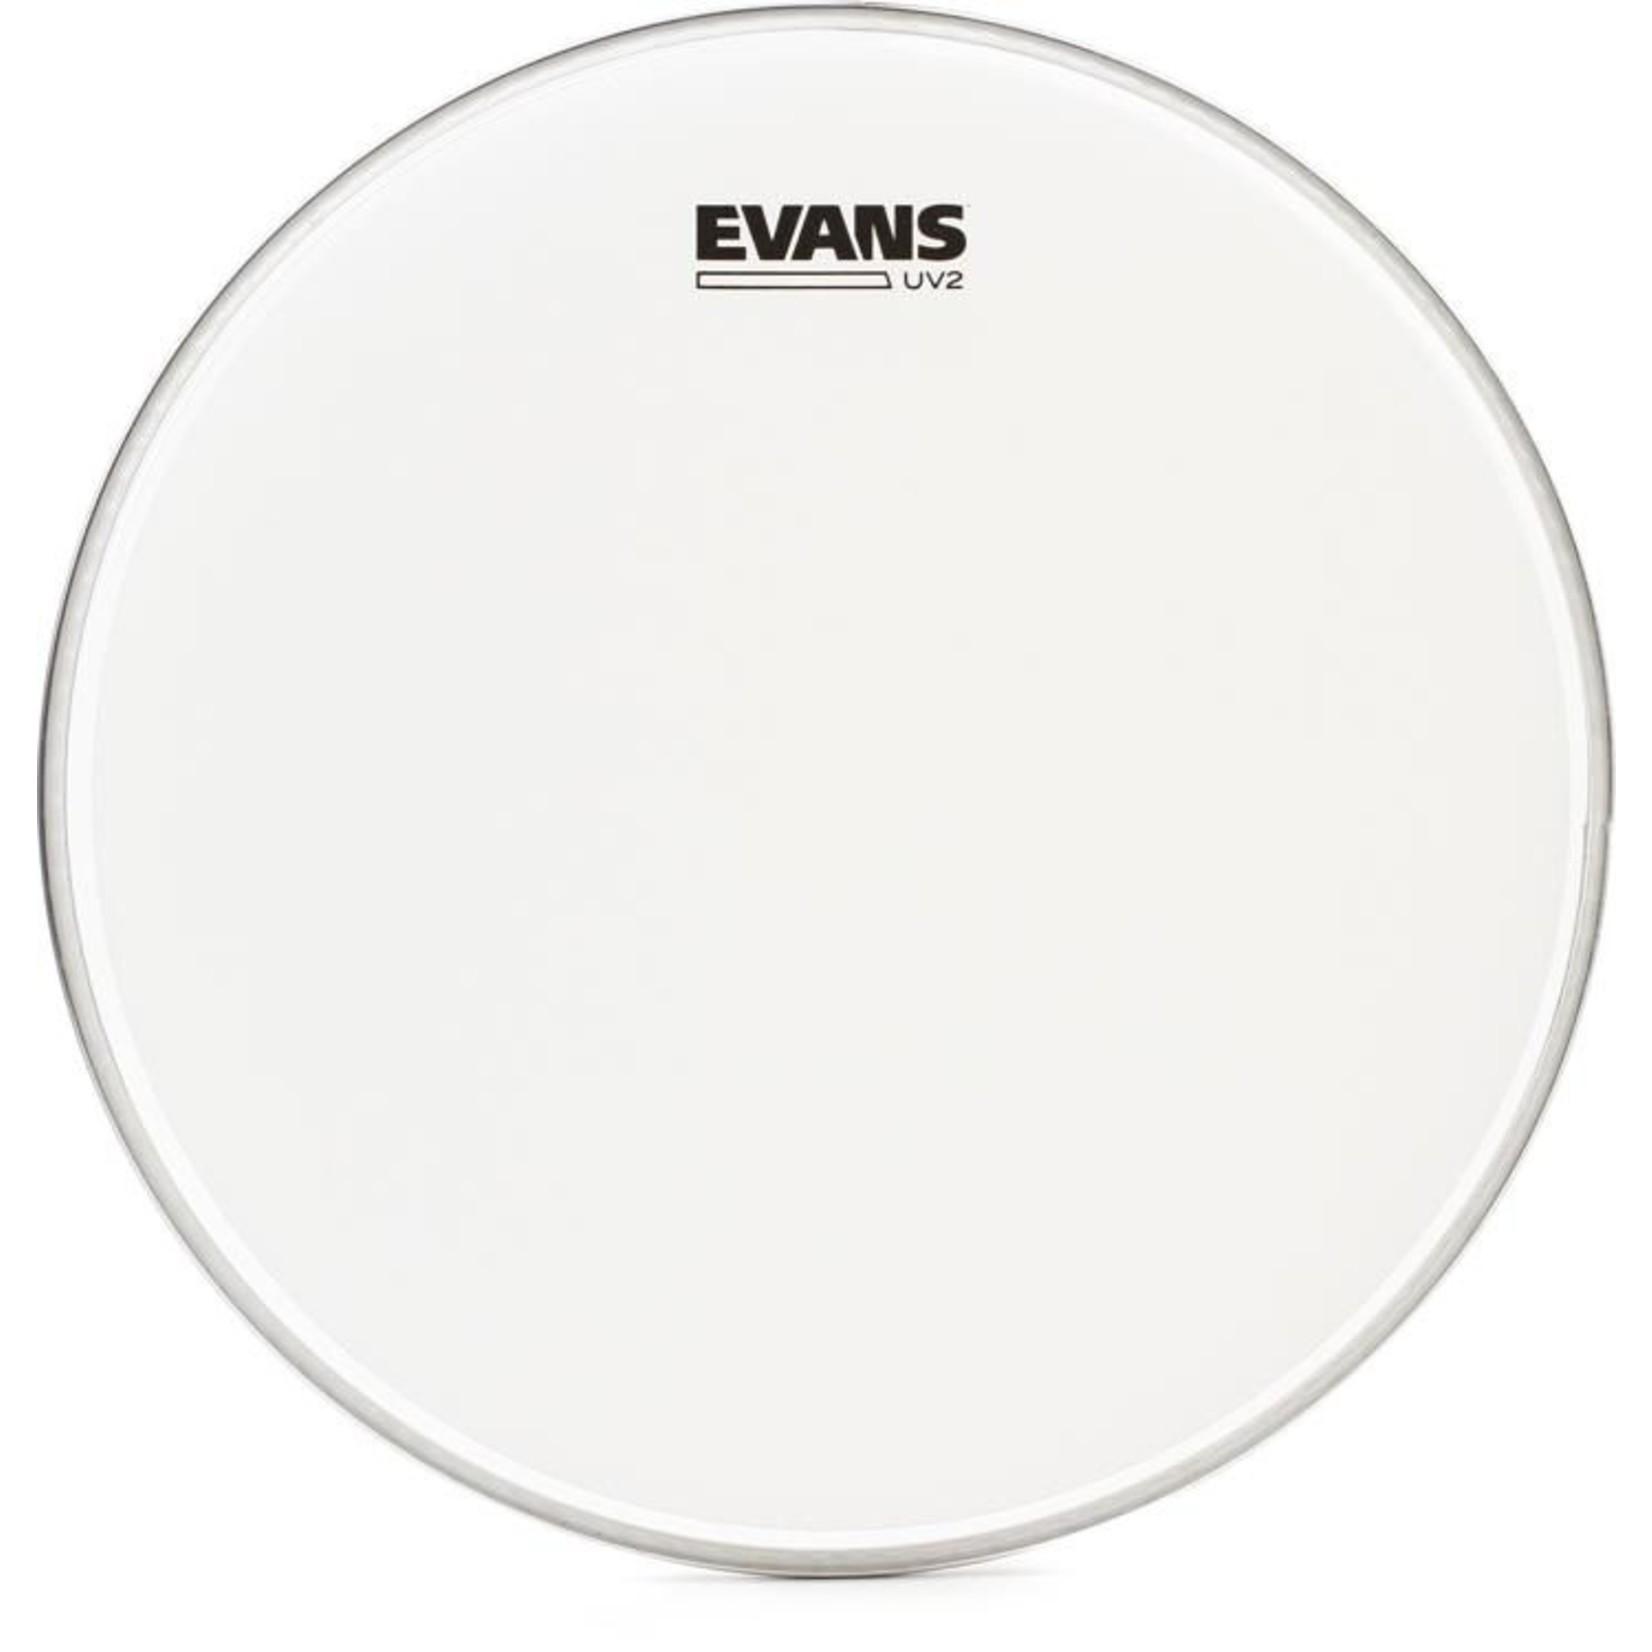 Evans Evans Coated UV2